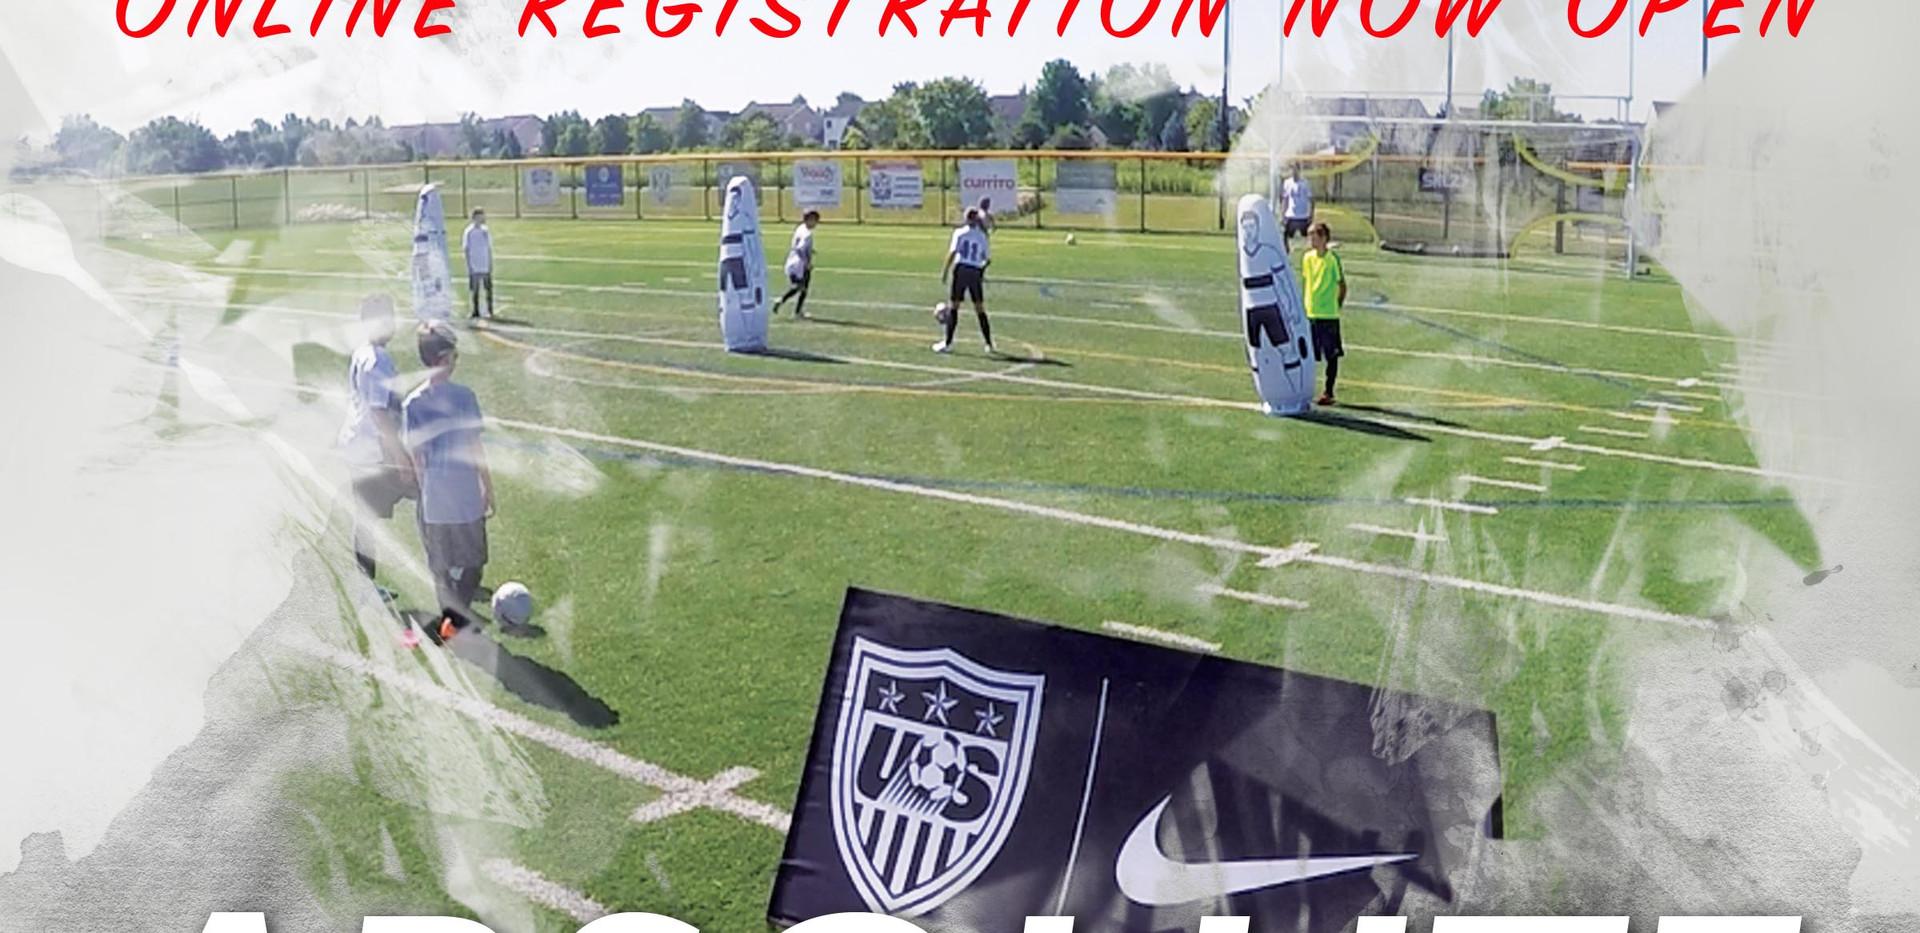 Naperville soccer camp 2019